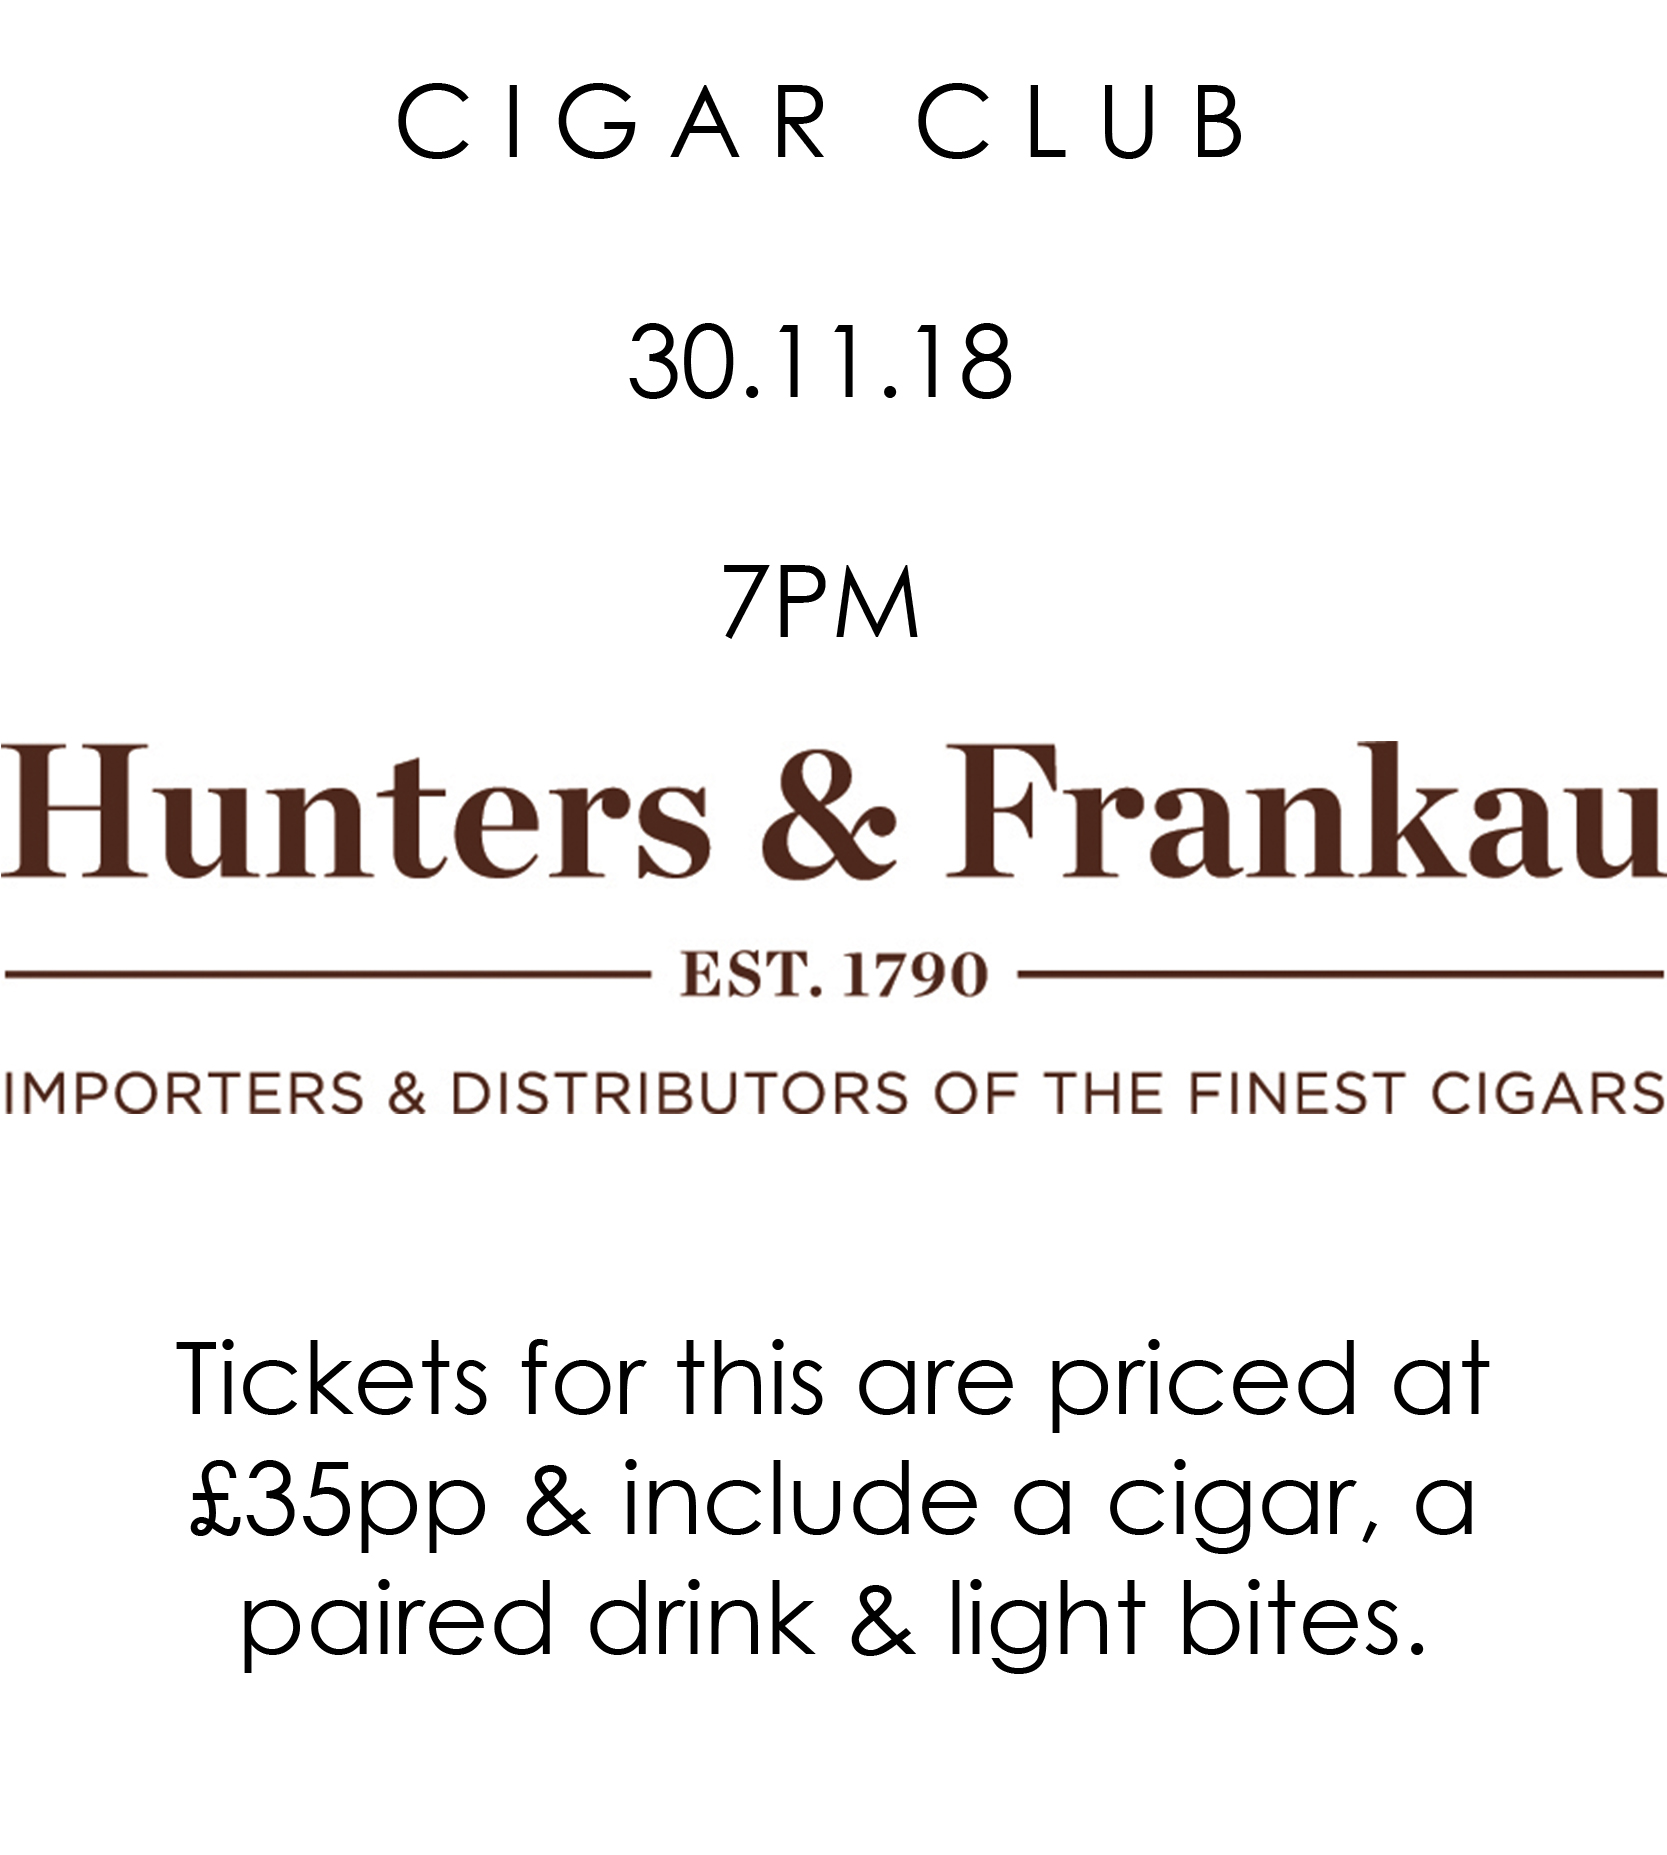 CENTURY CIGAR CLUB